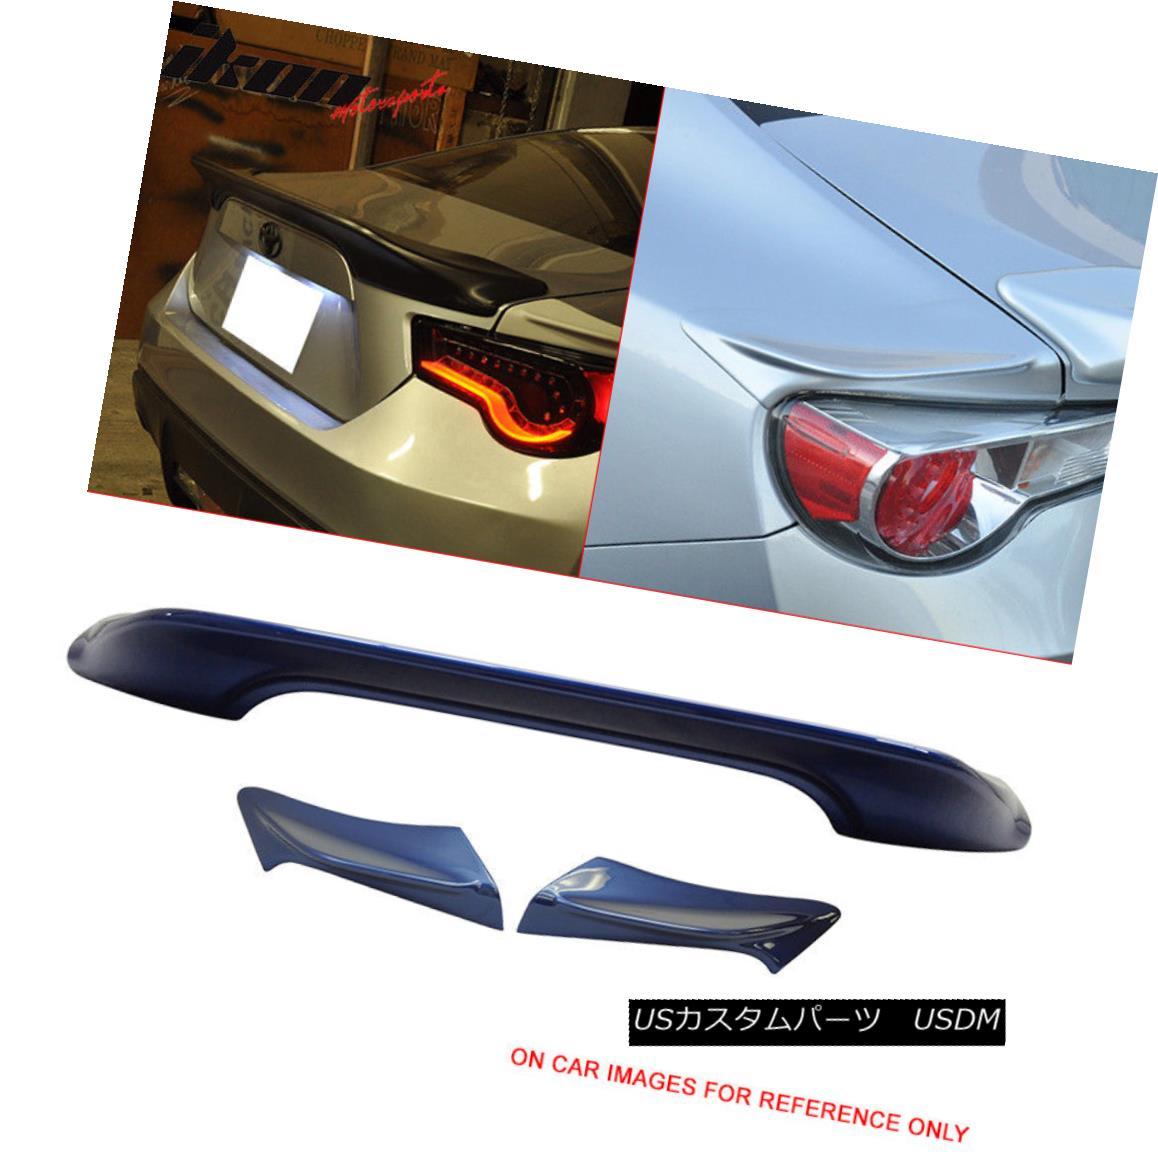 エアロパーツ Fits 13-17 FRS Painted #E8H Ultramarine Metallic TRD Trunk Spoiler & Side Wing フィット13-17 FRS塗装#E8HウルトラマリンメタリックTRDトランクスポイラー& サイドウィング